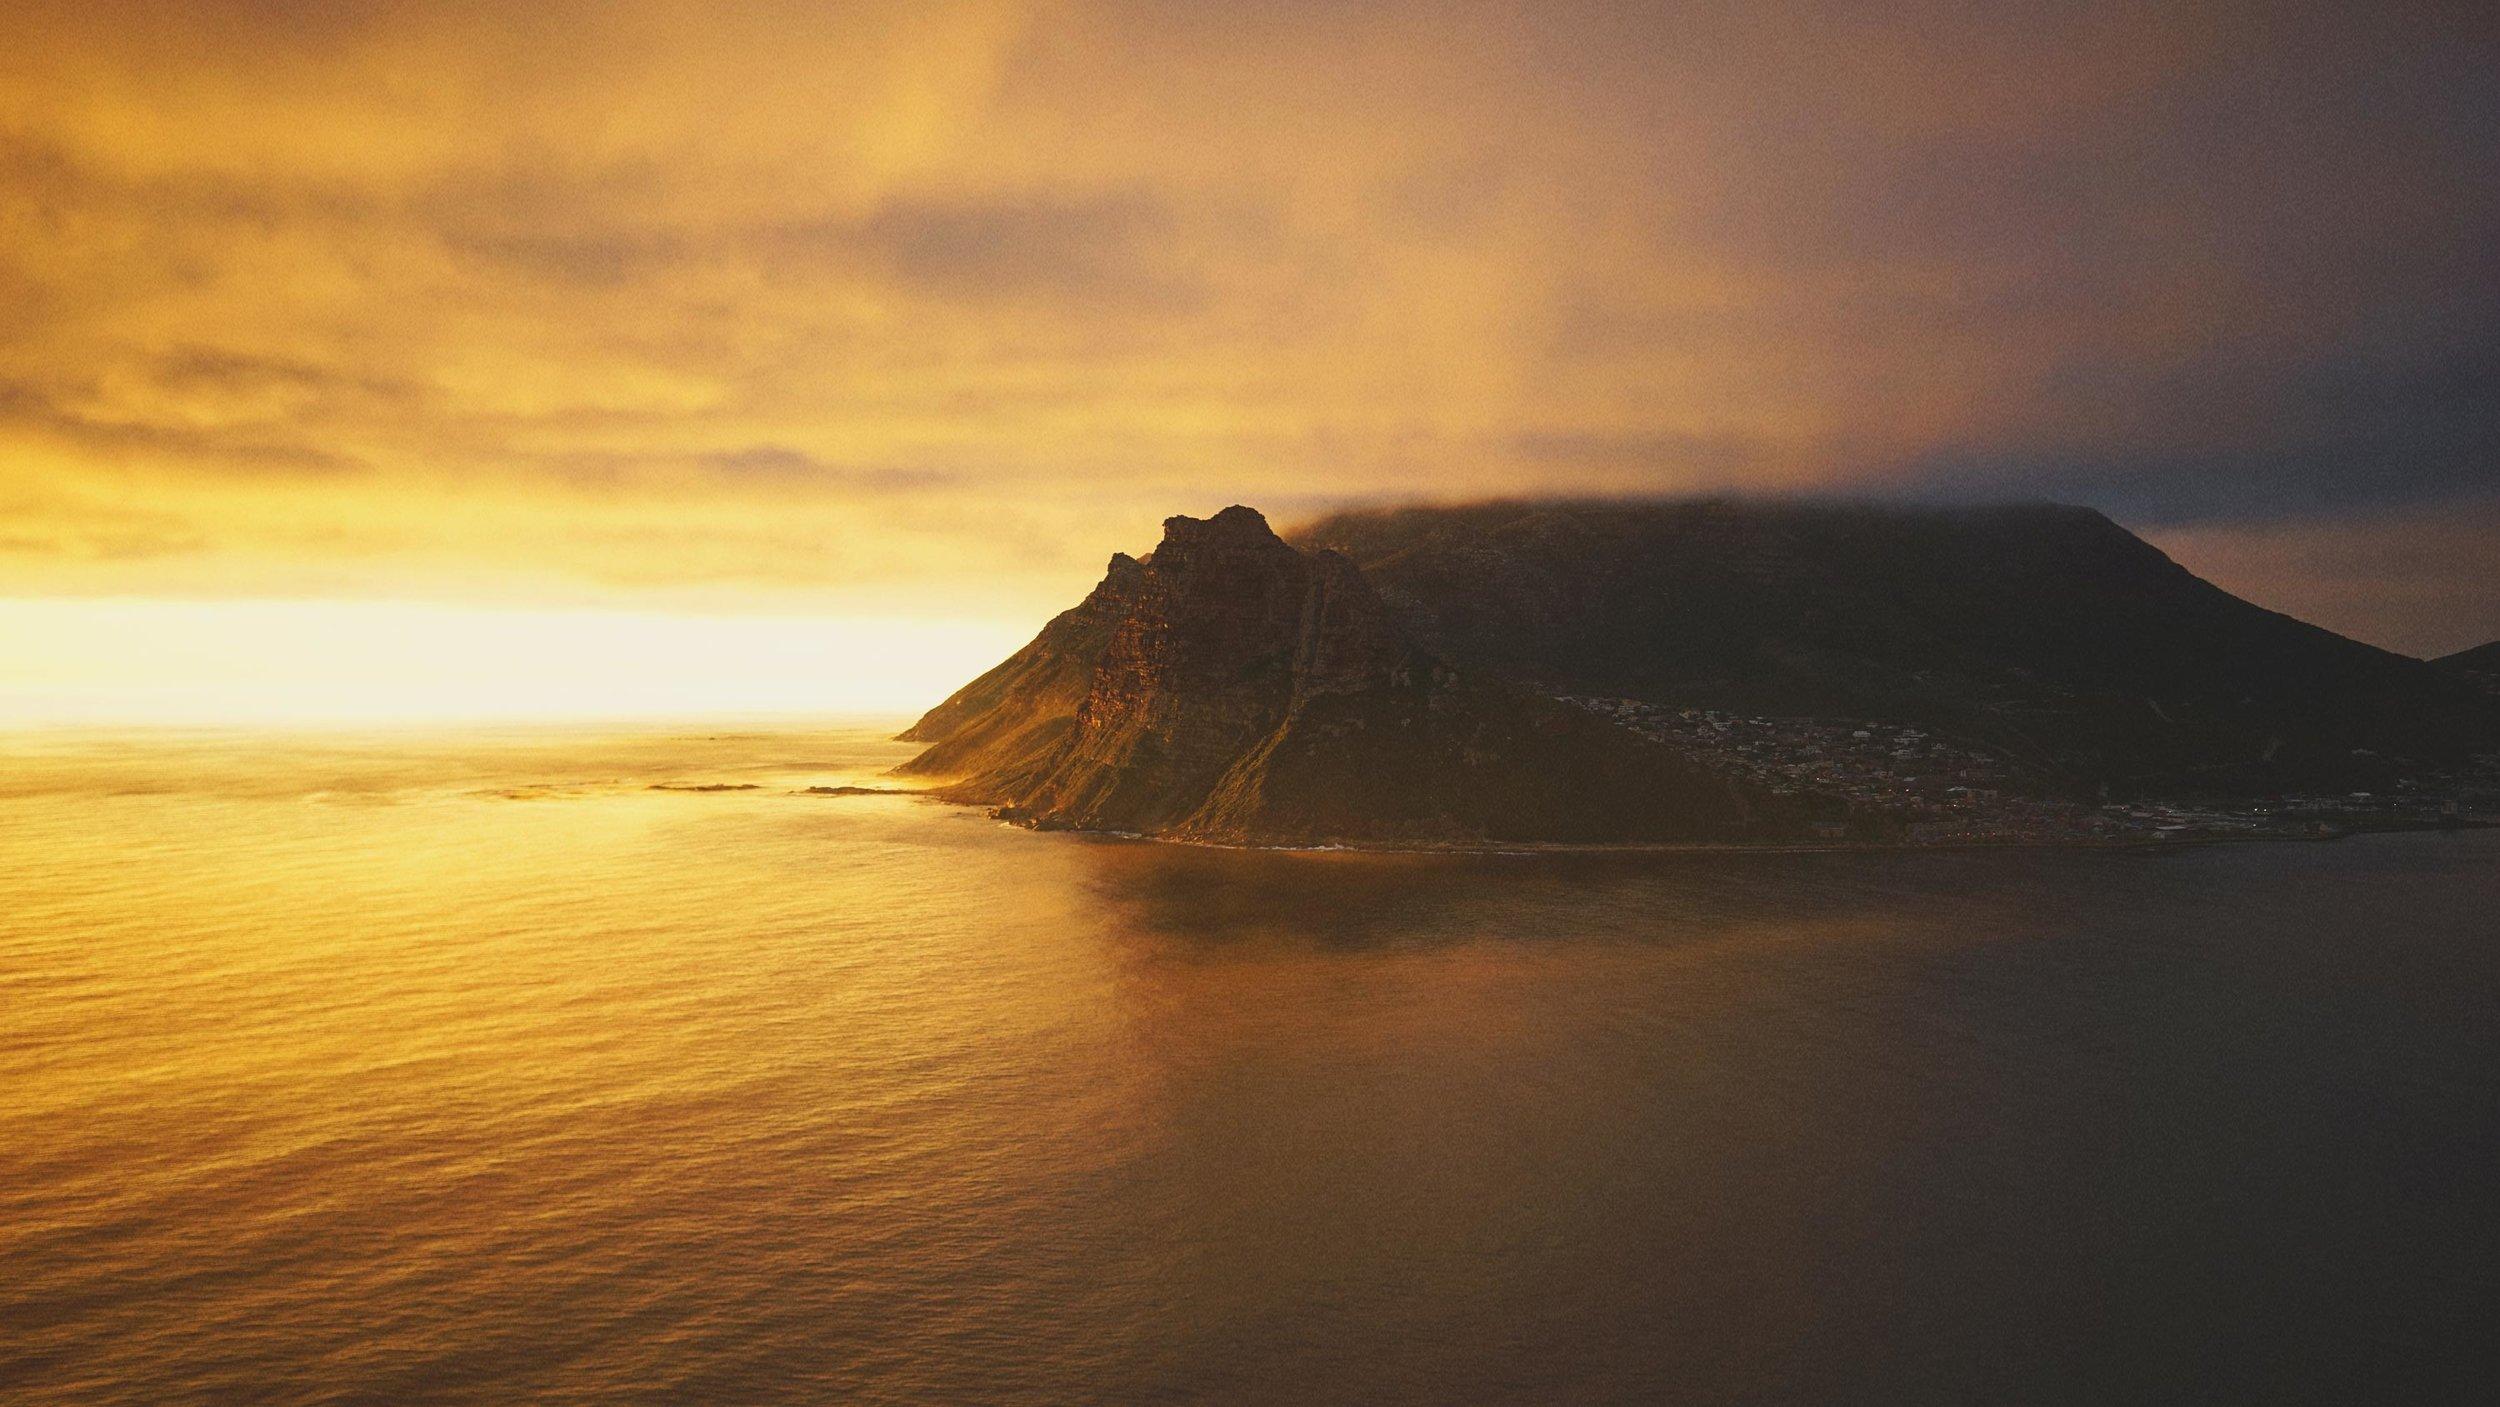 20_Giepert_South_Africa.jpg